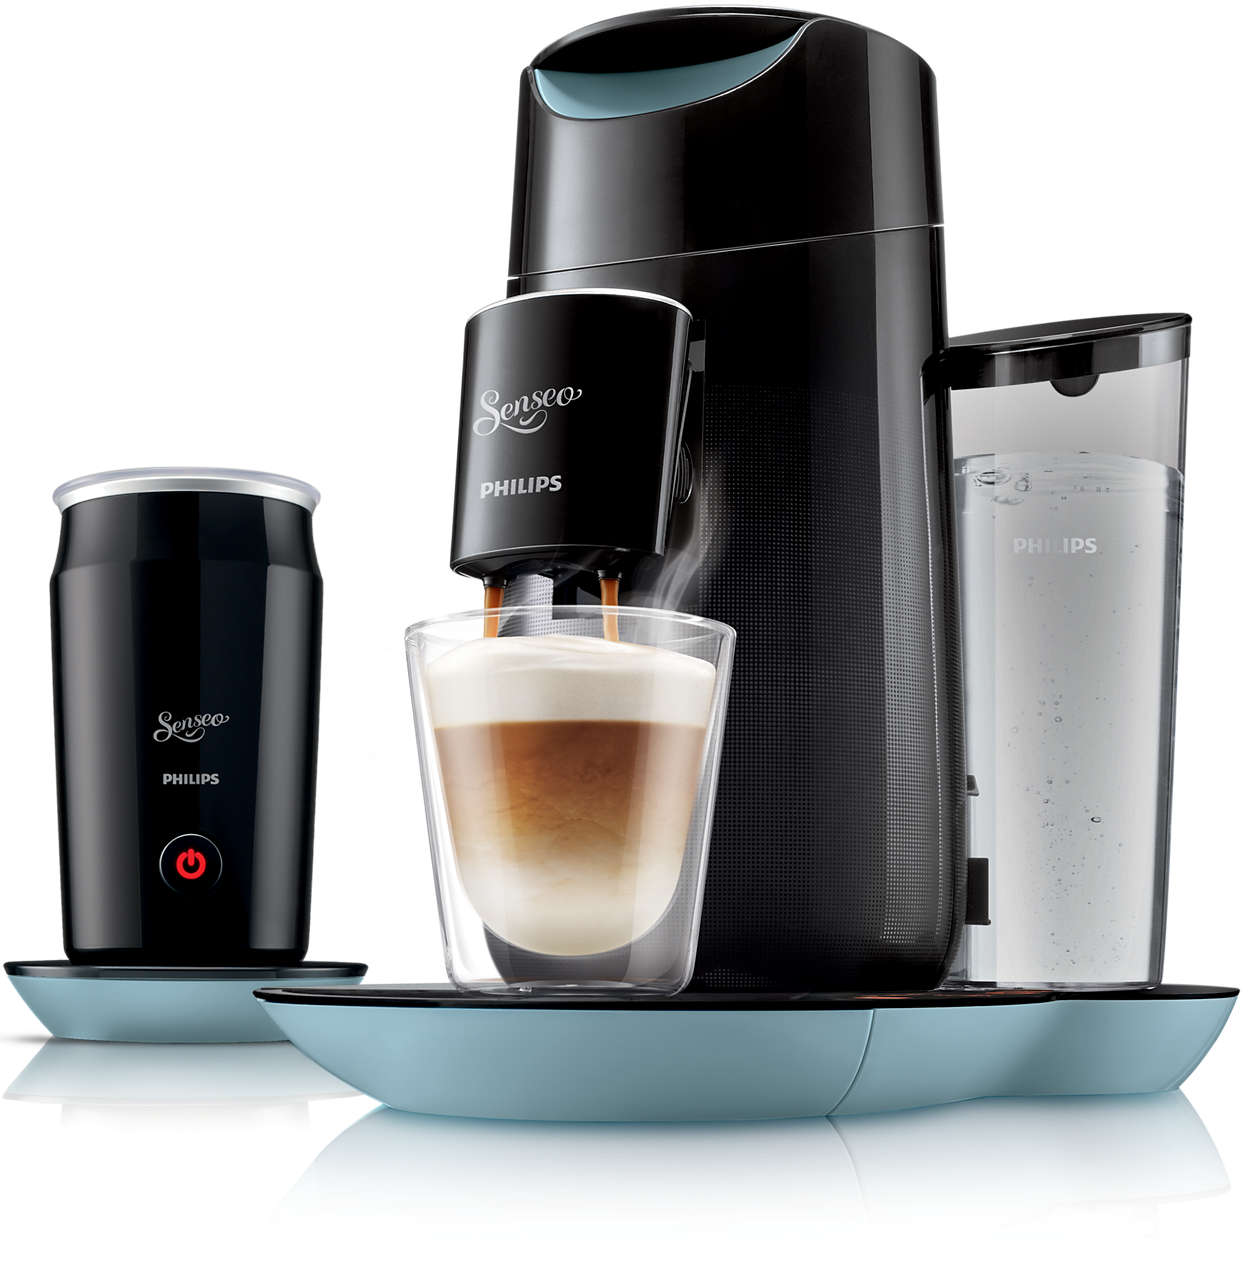 Préparez votre cappuccino comme vous l'aimez